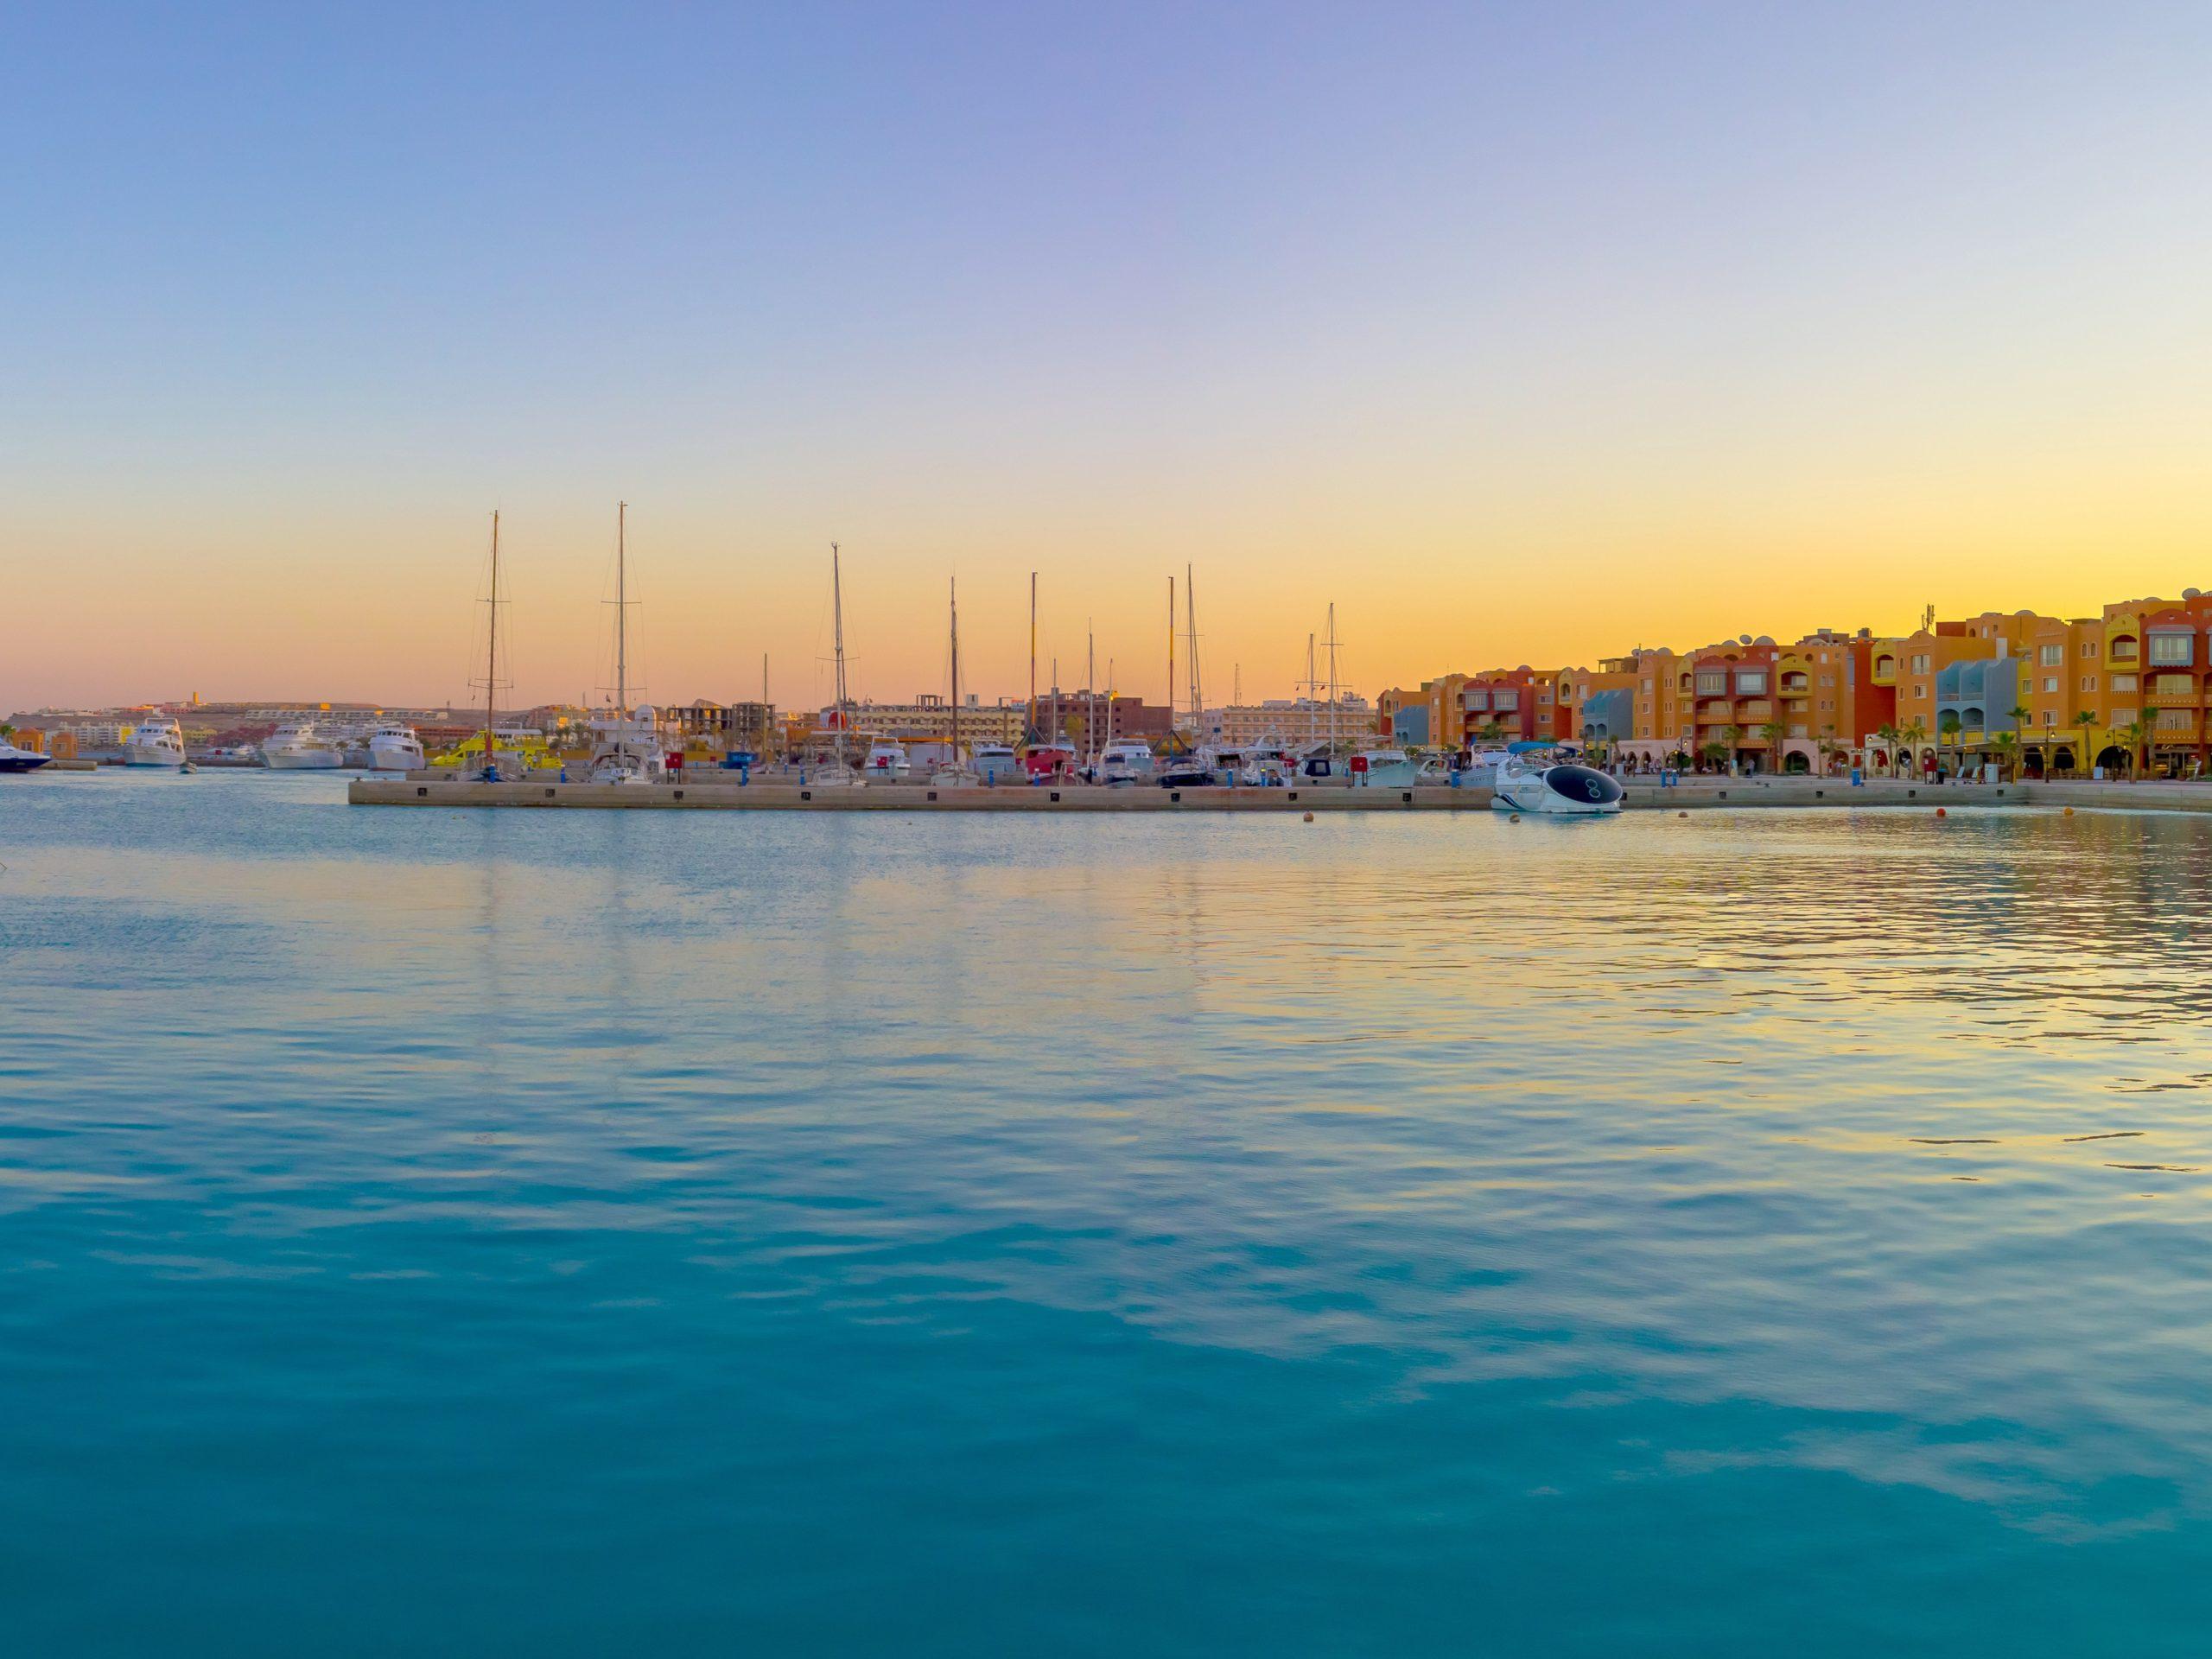 sunset marina hurghada